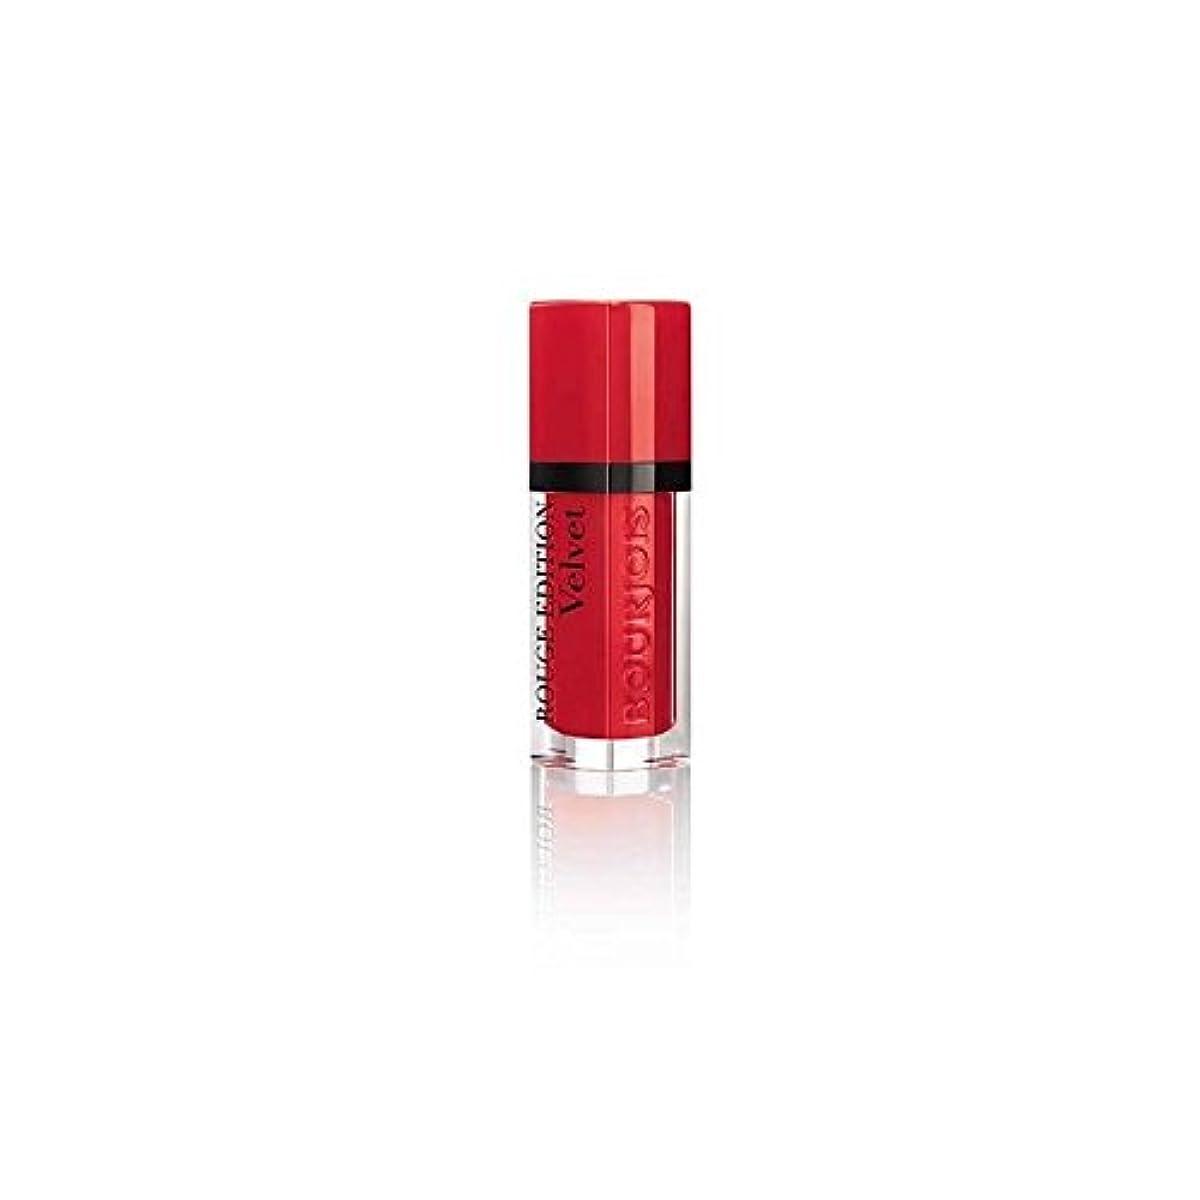 ペチコートバンカー笑いブルジョワルージュ版のベルベットの口紅は、それはレディングの男性18です x4 - Bourjois Rouge Edition Velvet Lipstick It's Redding Men 18 (Pack of 4) [並行輸入品]